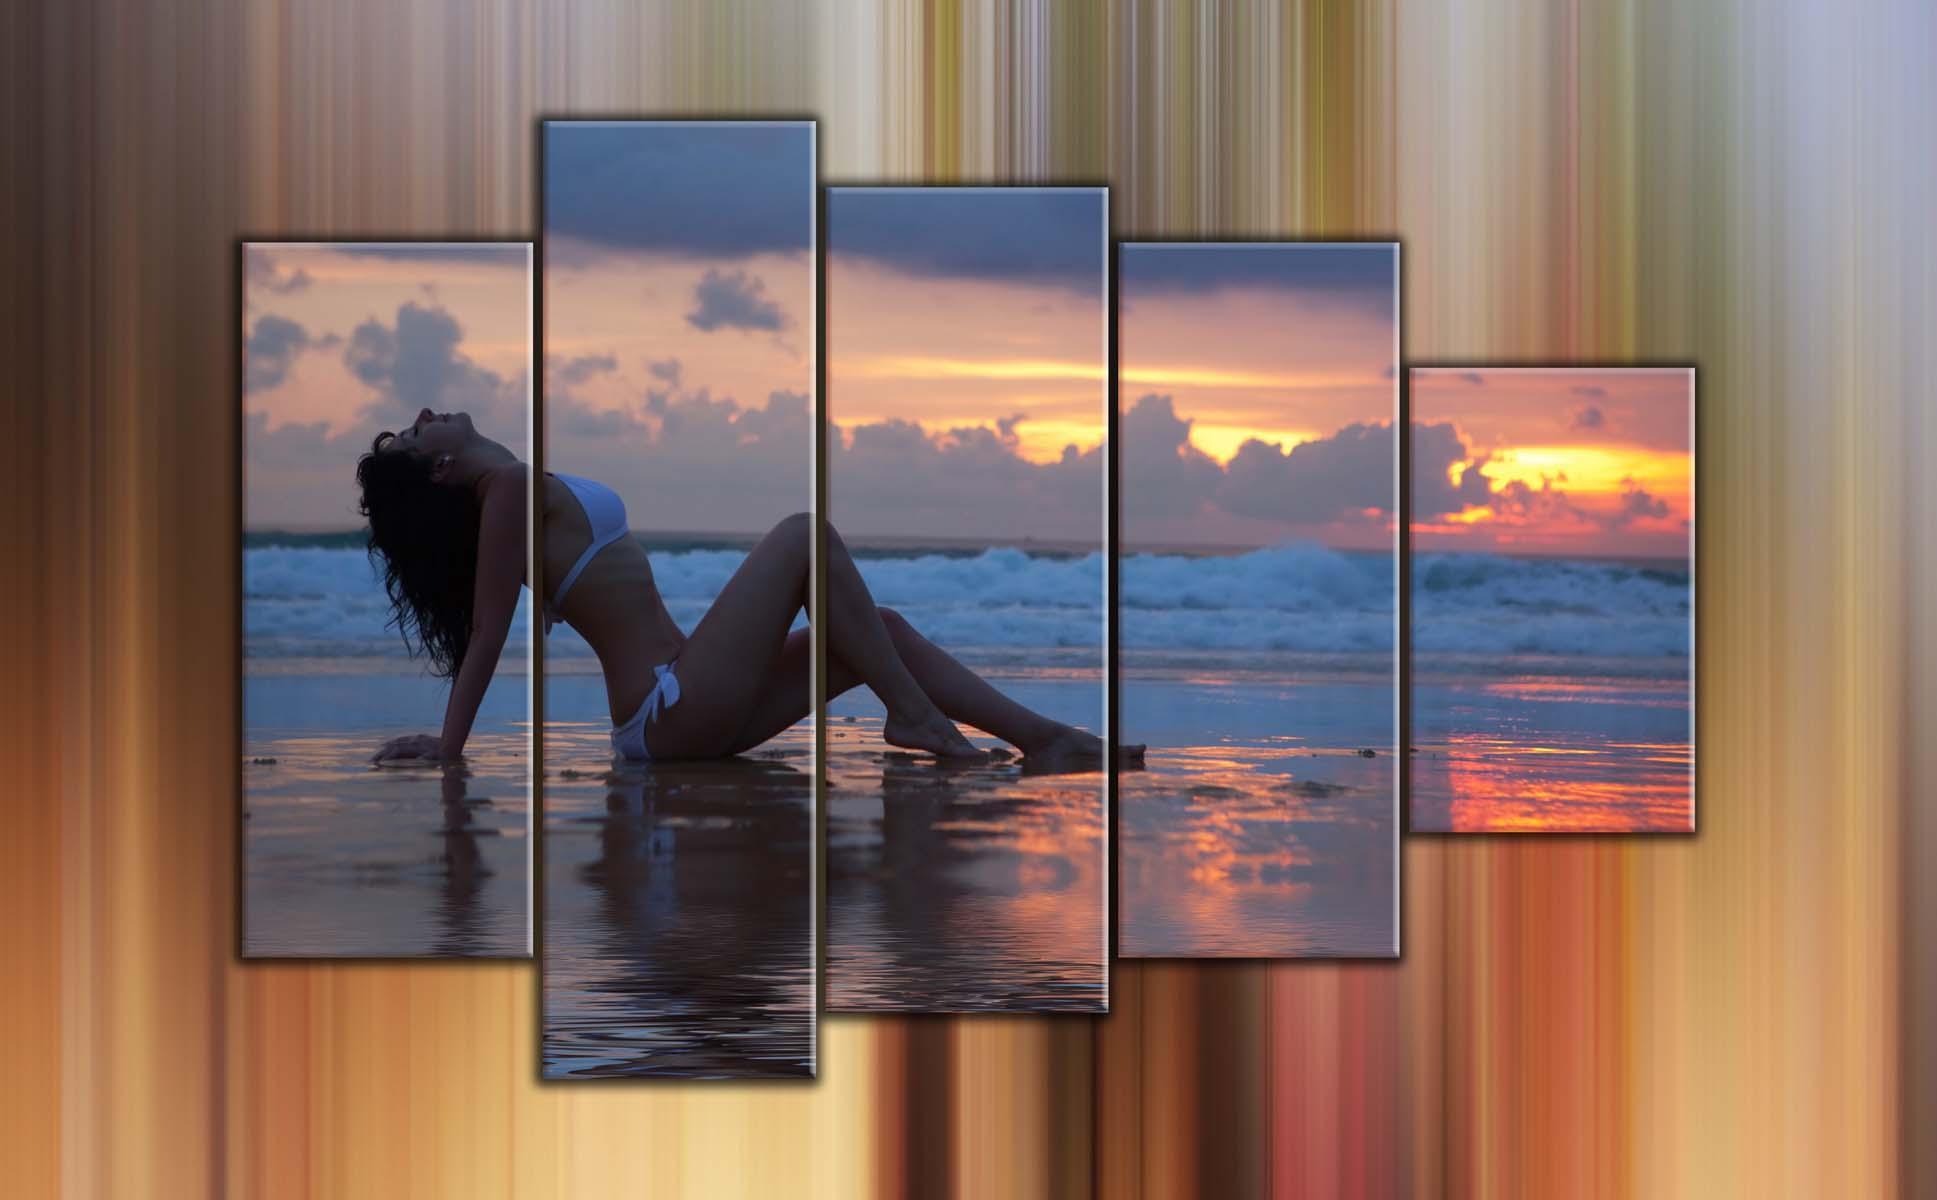 Как называются картины на фотографиях